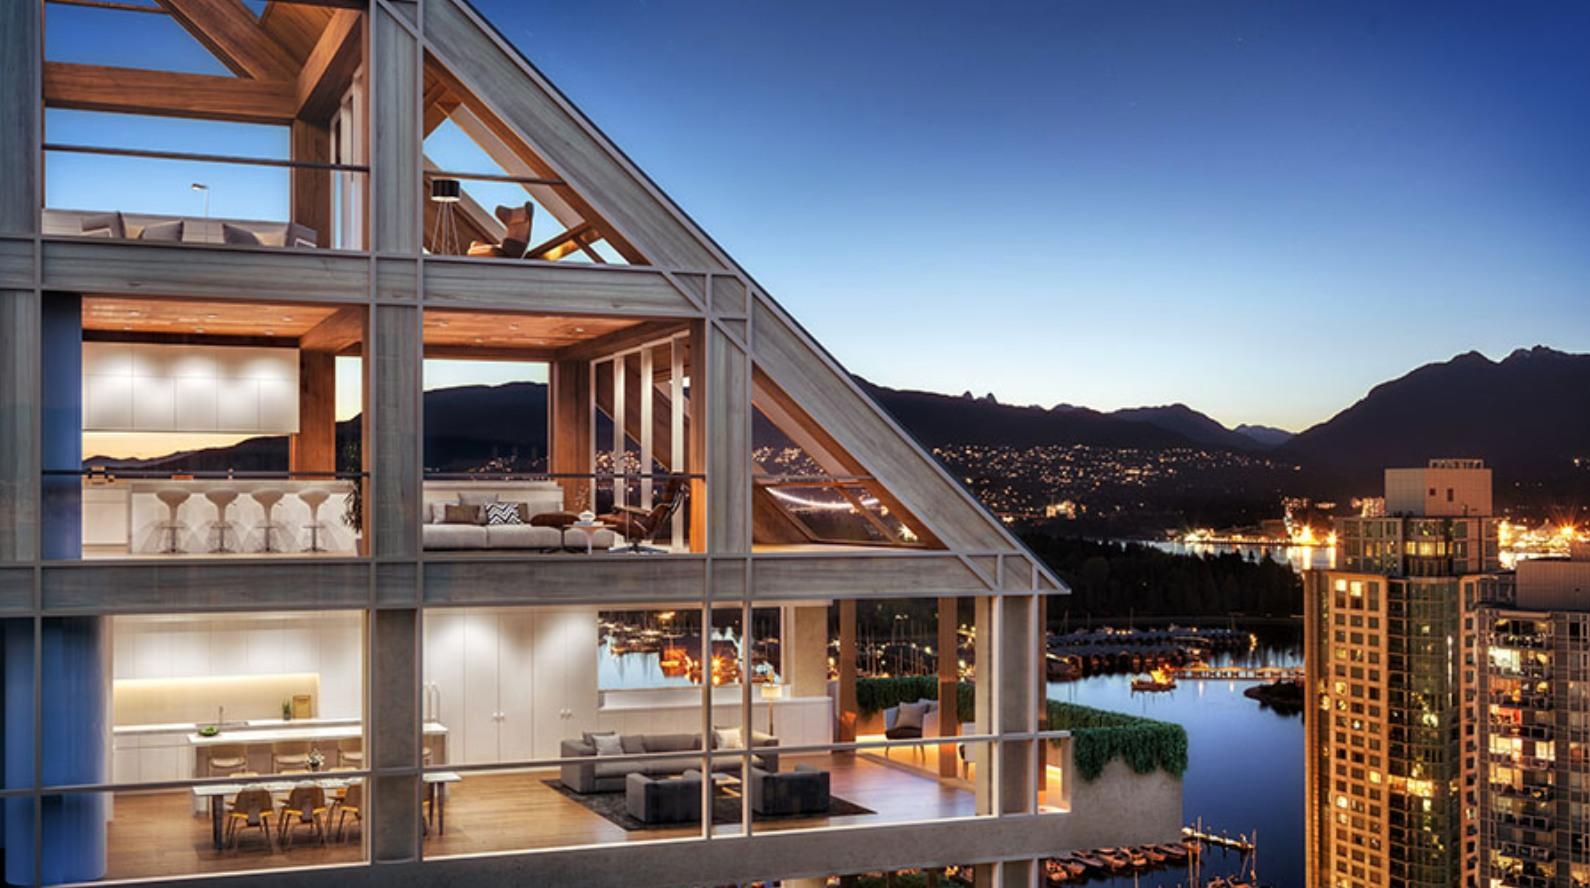 TerraceHouse_Exterior3